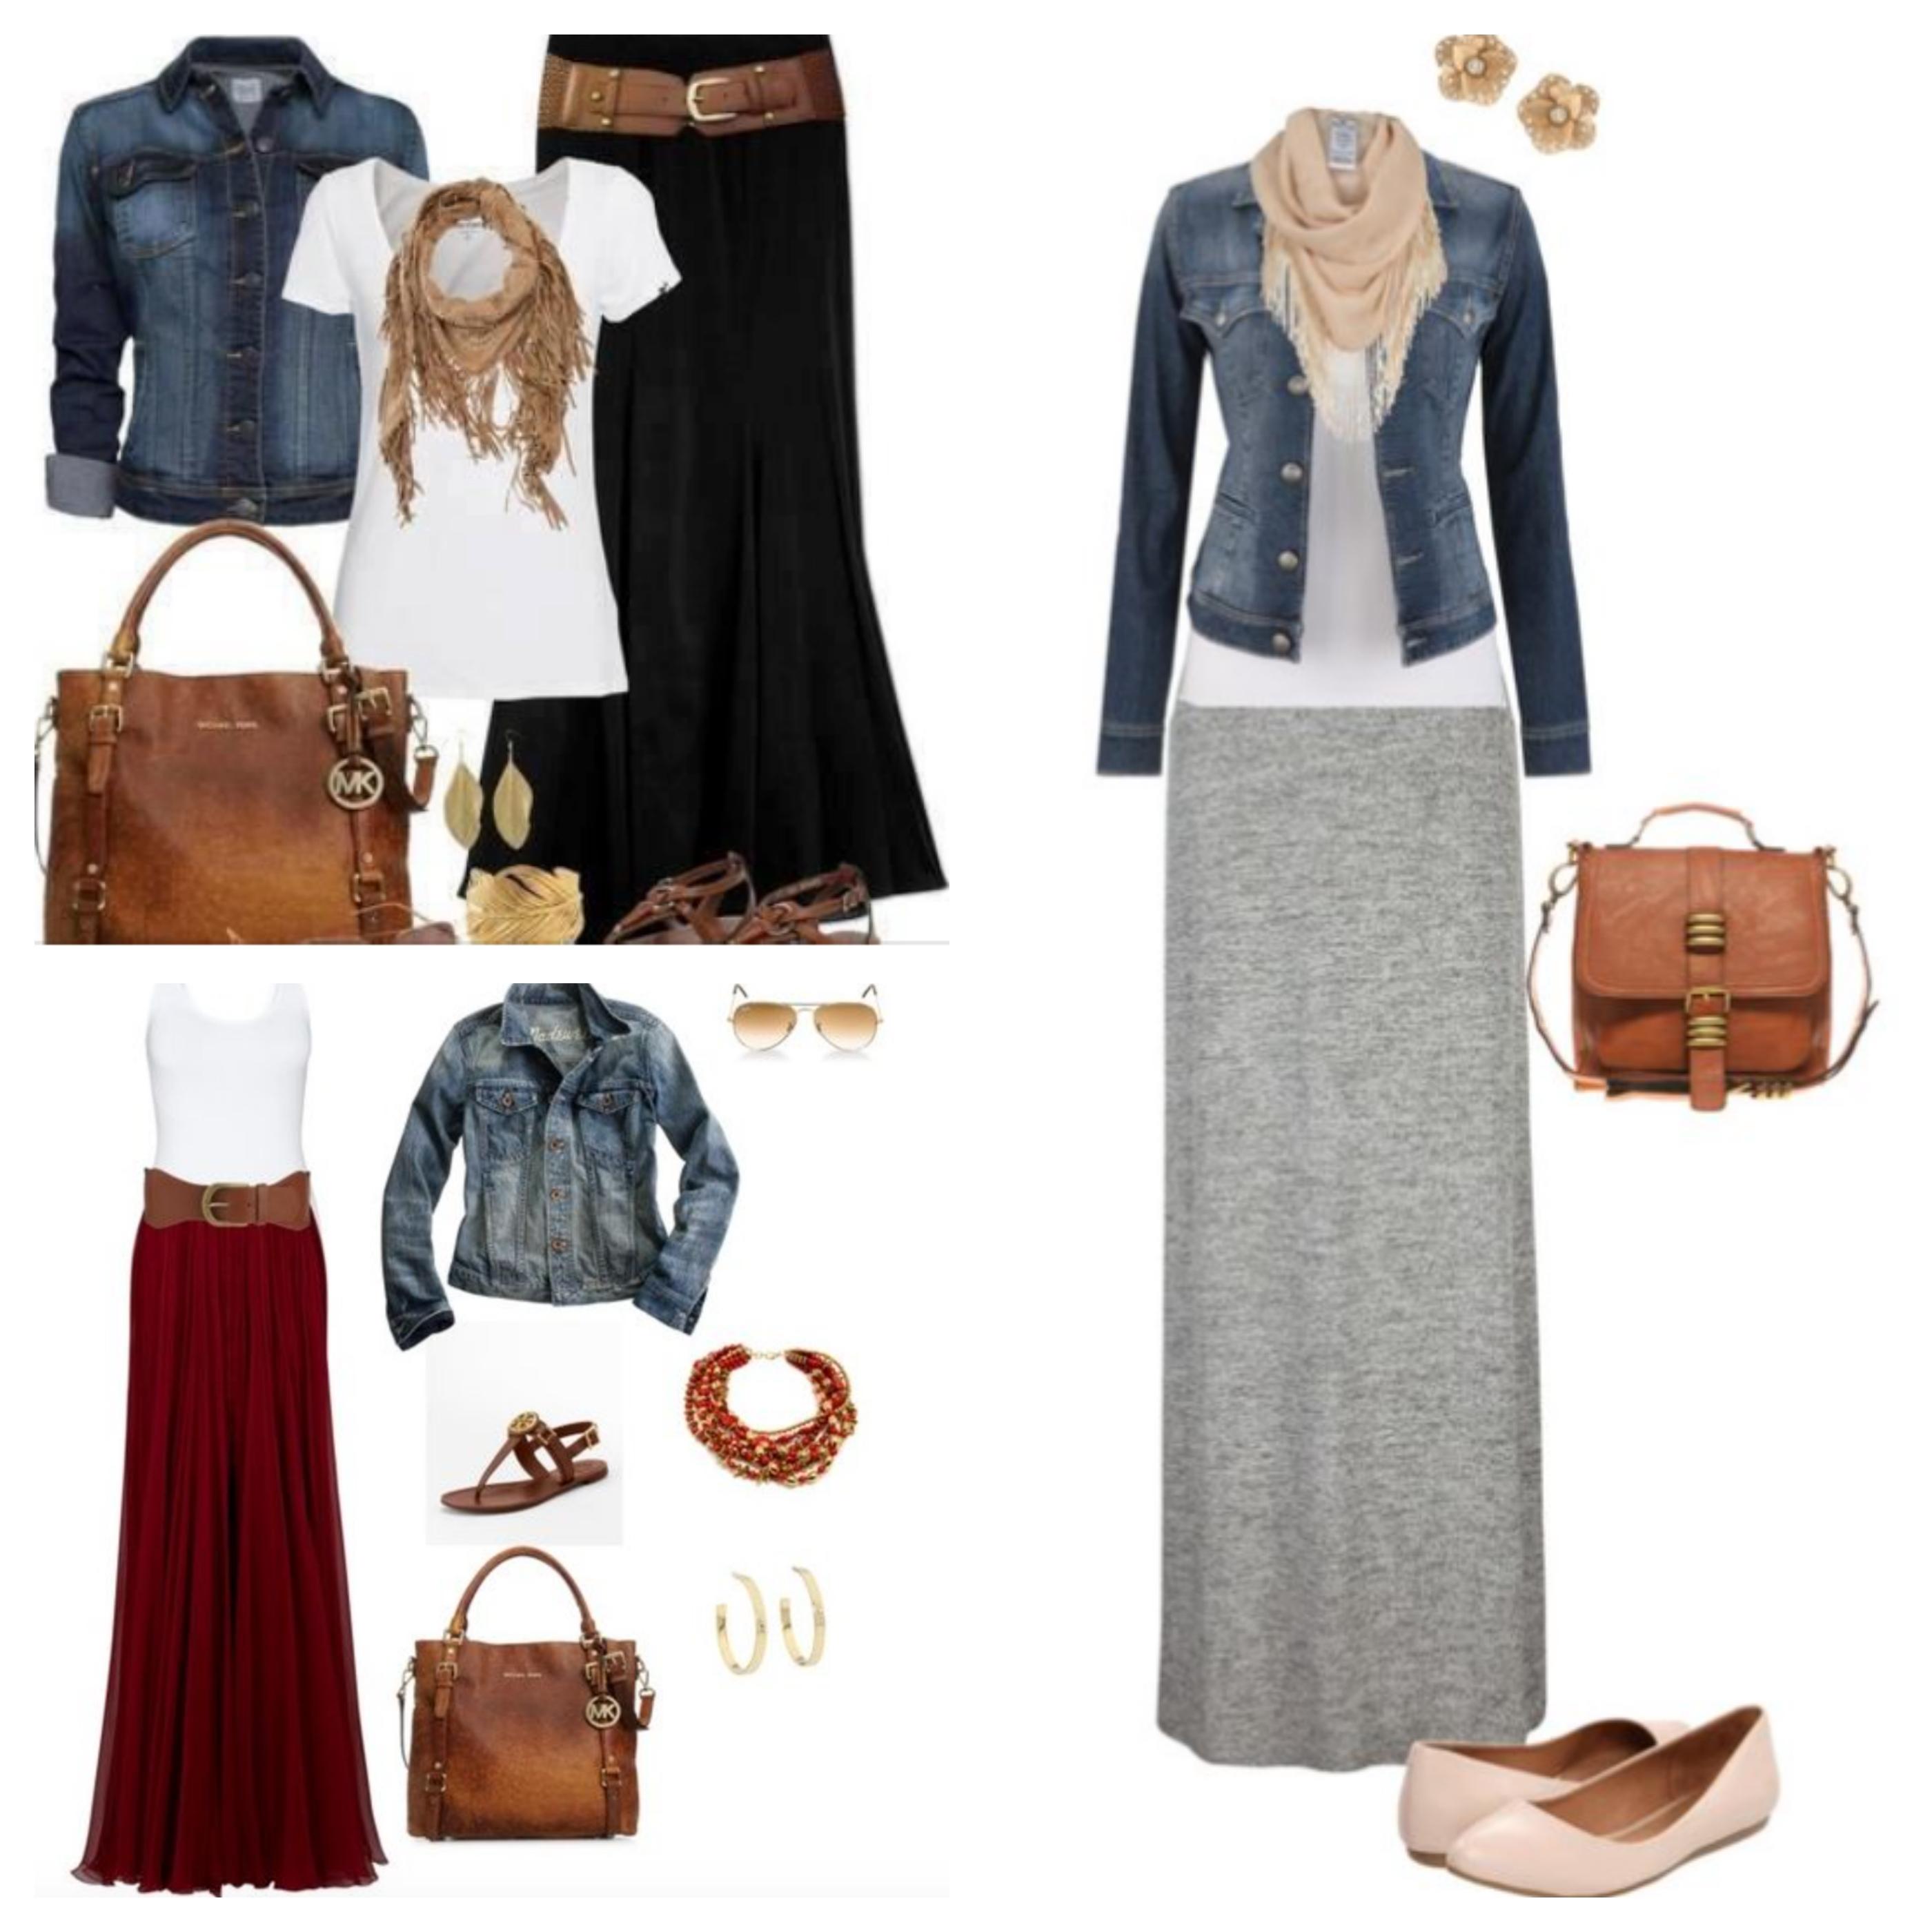 saias outfit